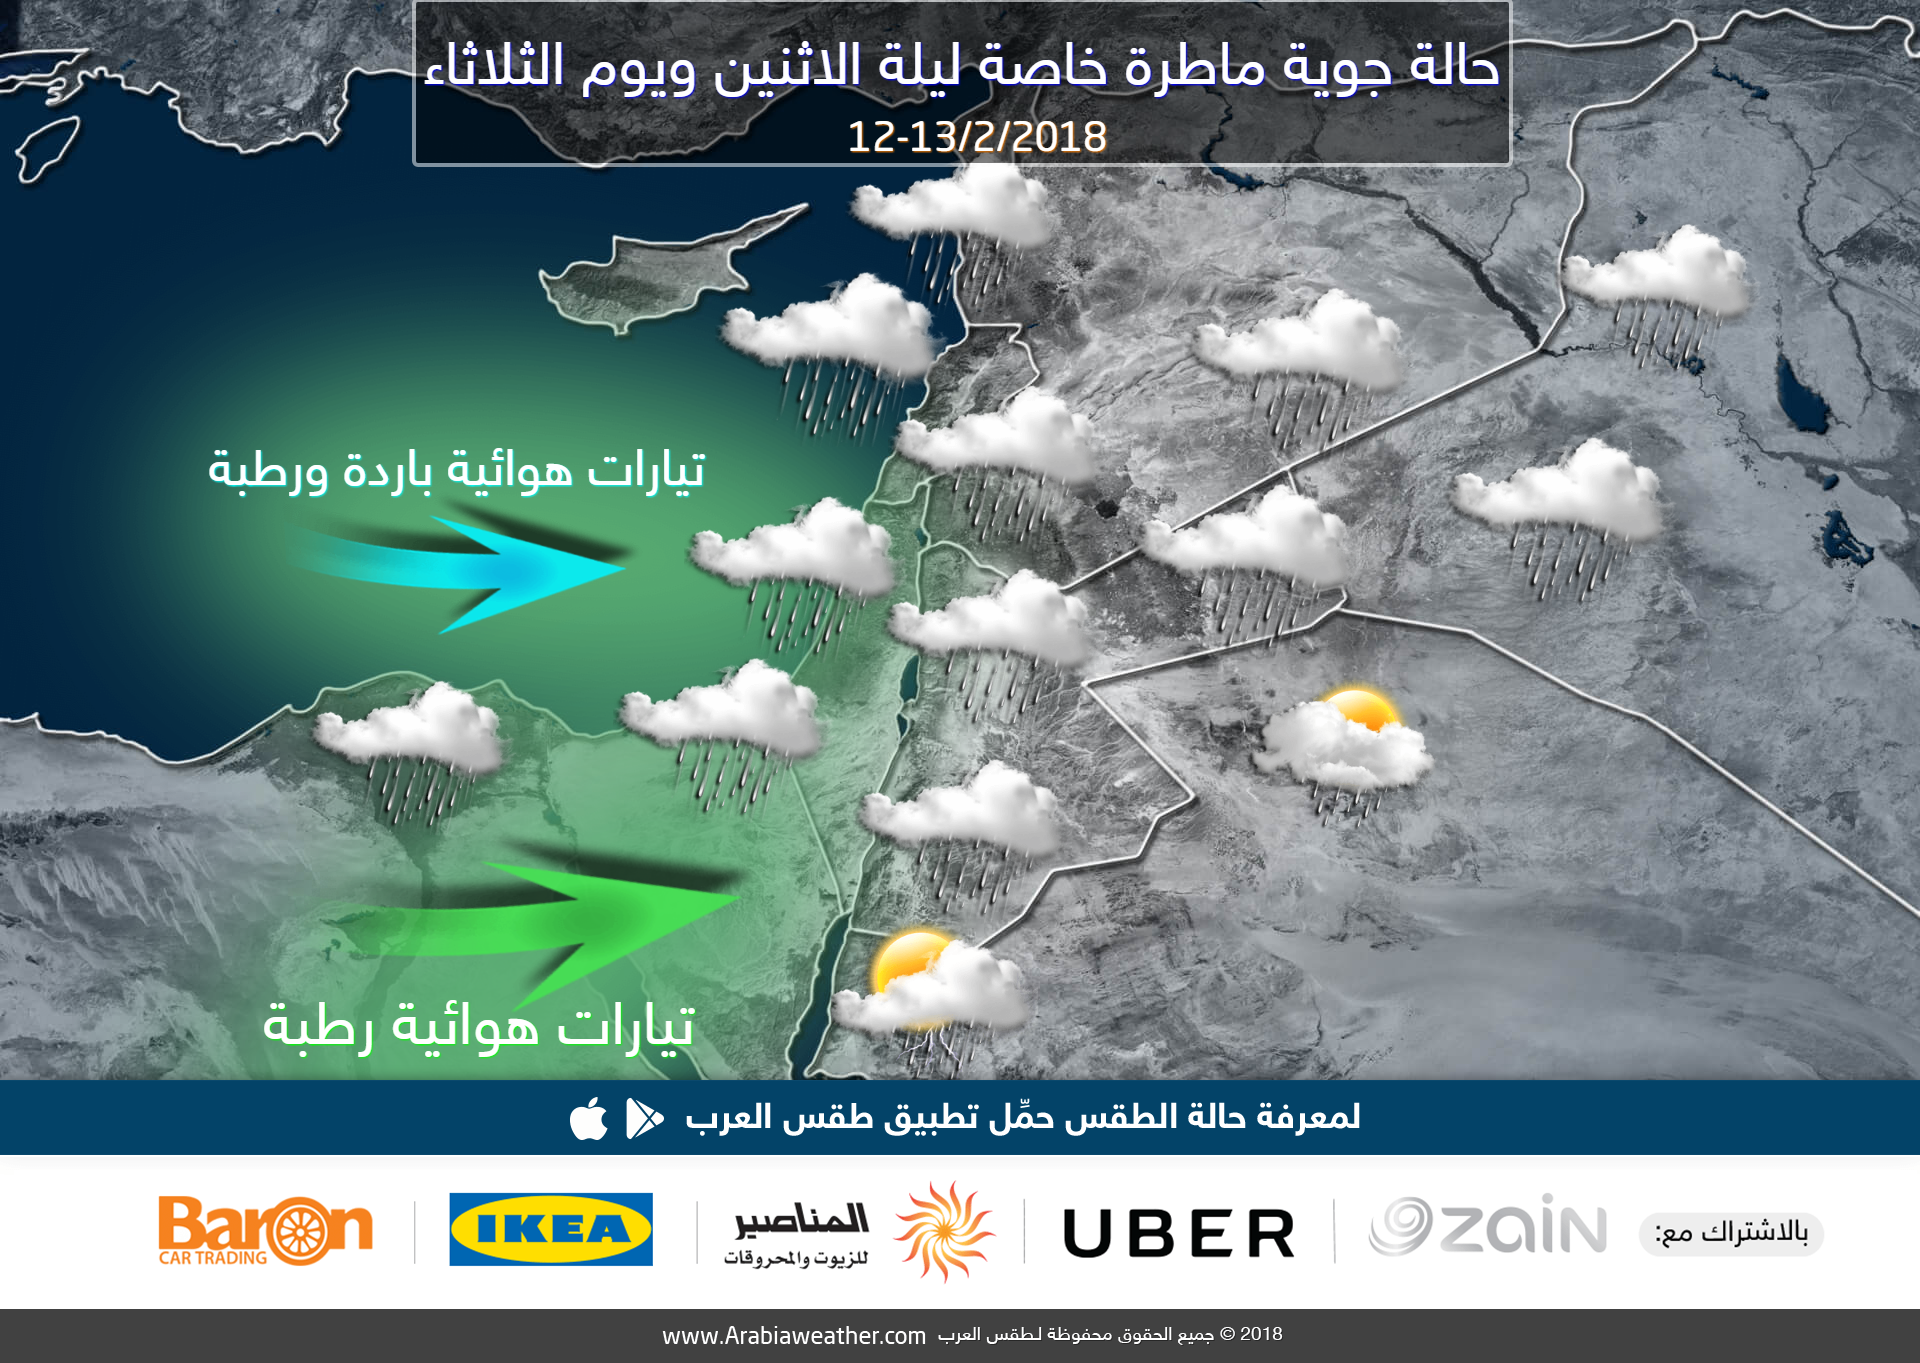 حالة جوية ماطرة تؤثر على أجزاء واسعة من المملكة ليلة الاثنين ونهار الثلاثاء